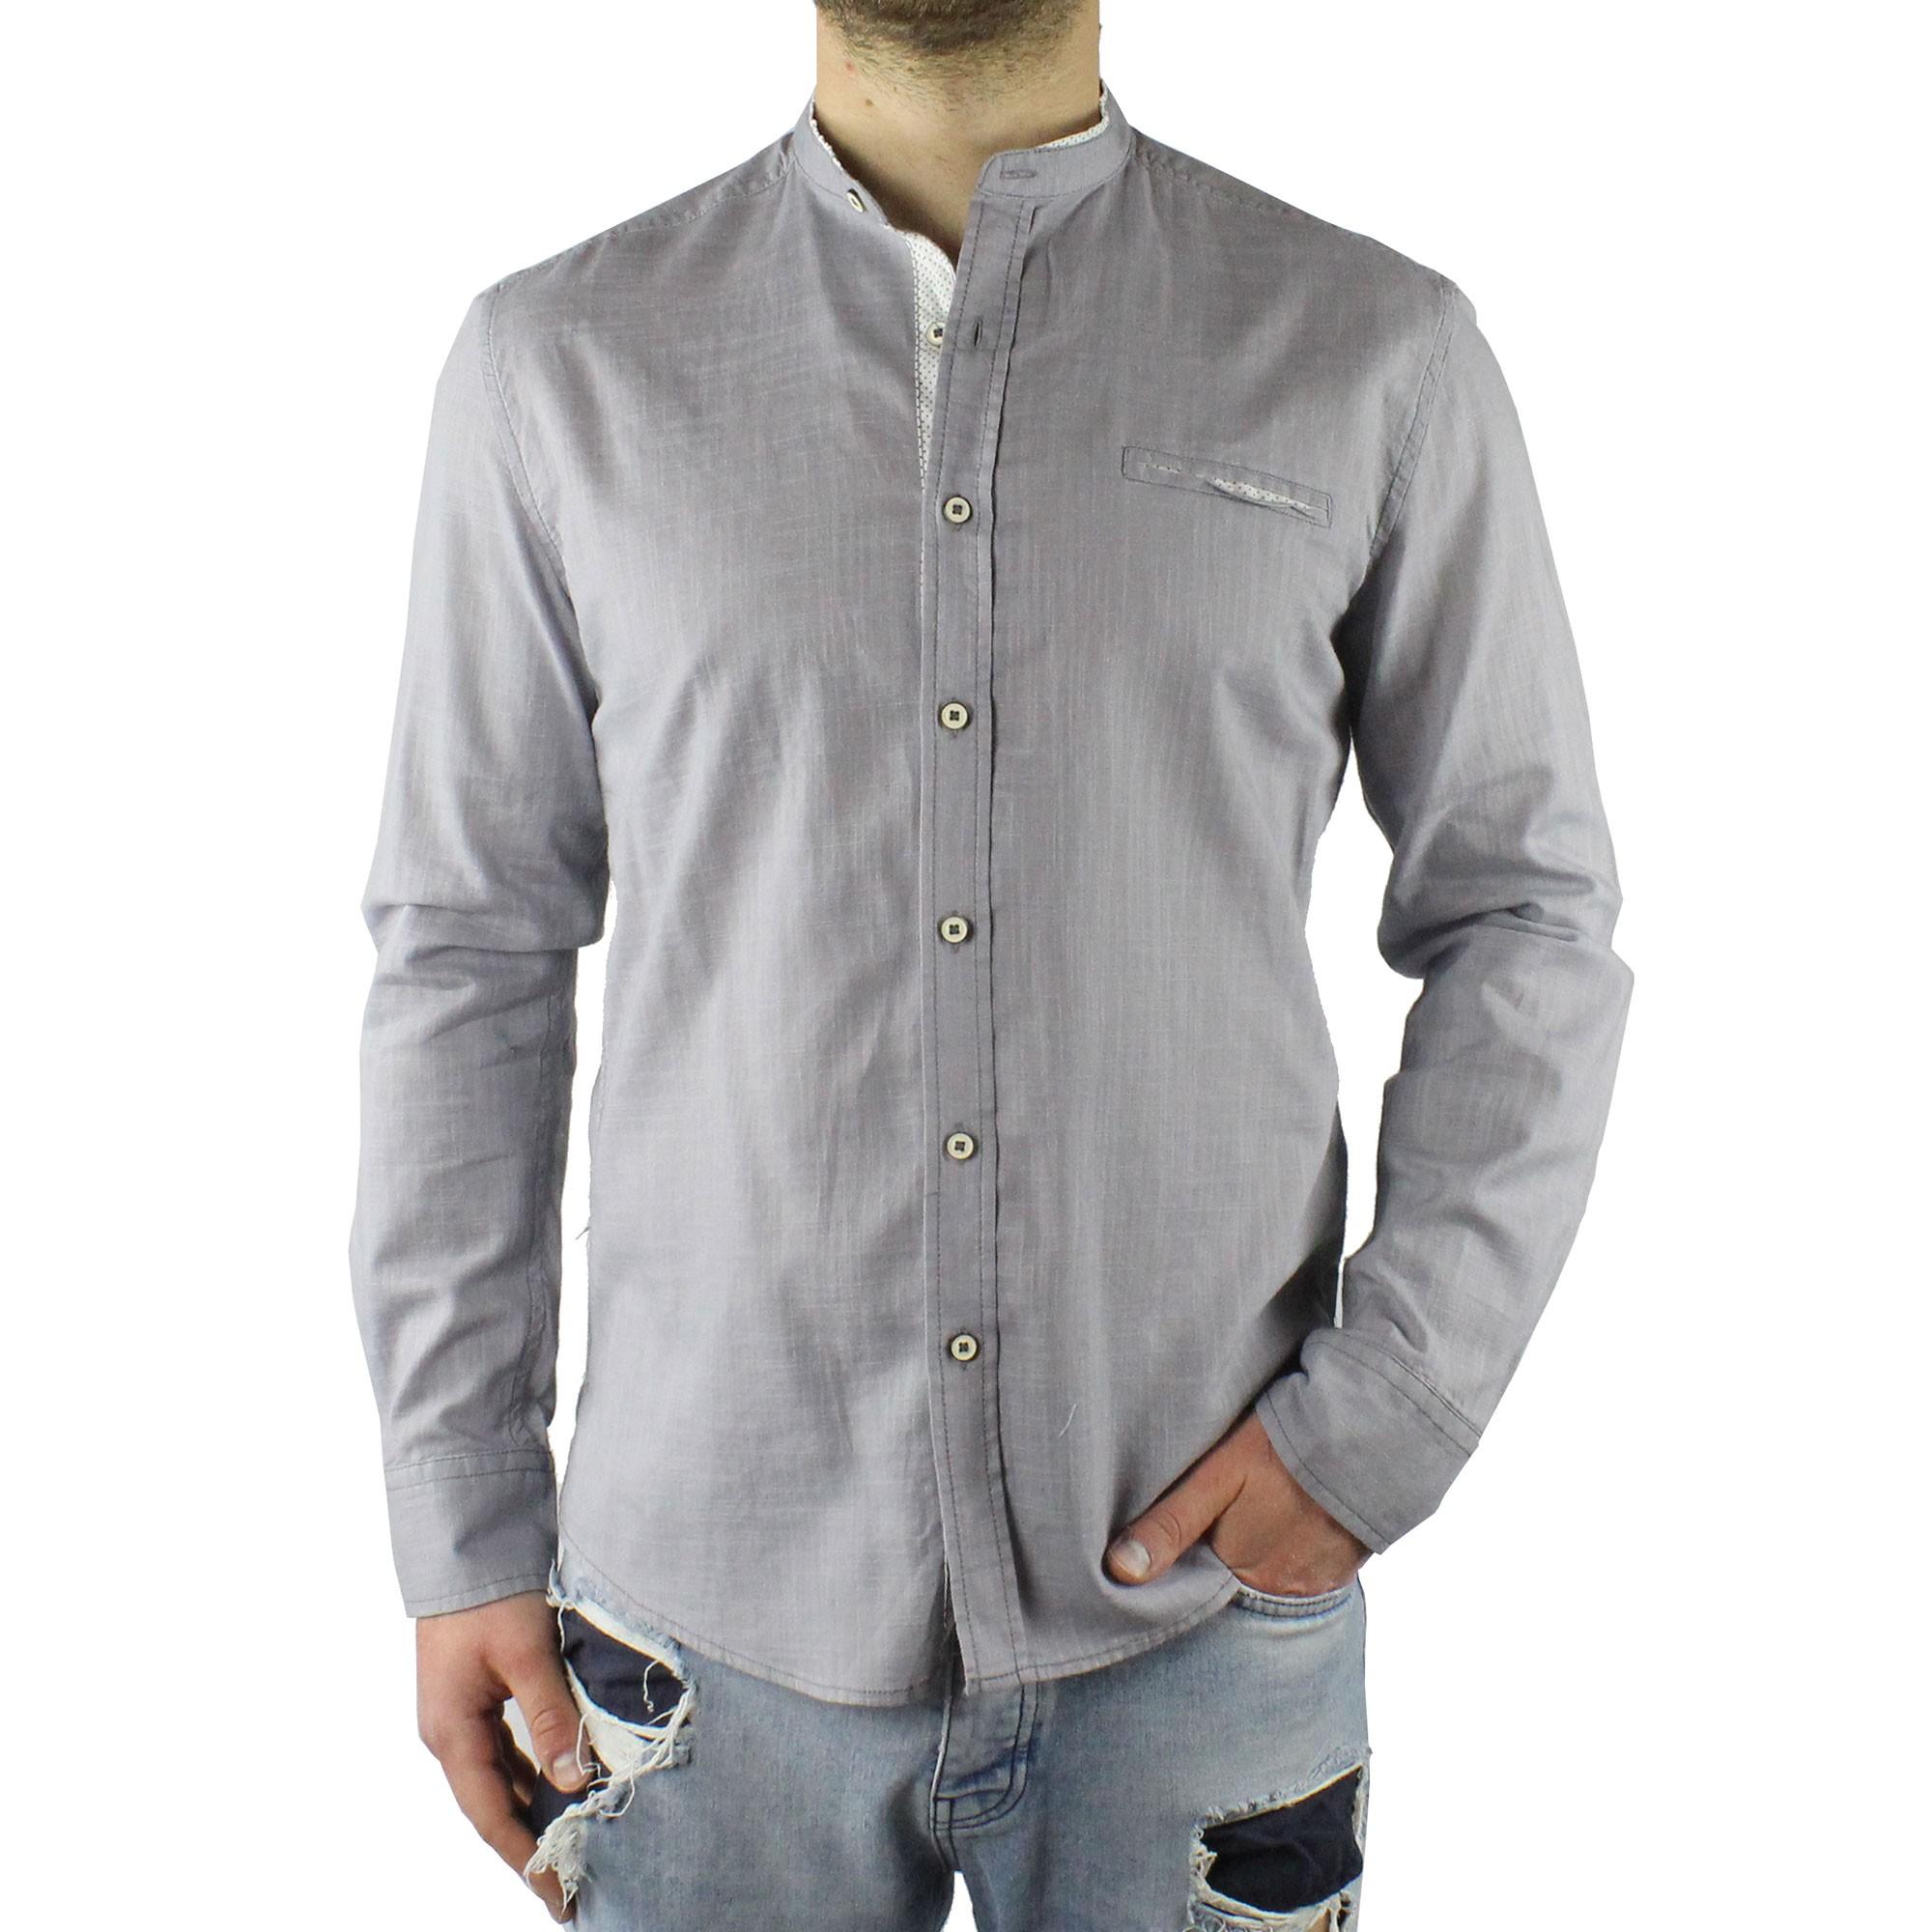 Camicia-Uomo-Collo-Coreana-Cotone-Casual-Slim-Fit-Manica-Lunga-Sartoriale-Estiva miniatura 6